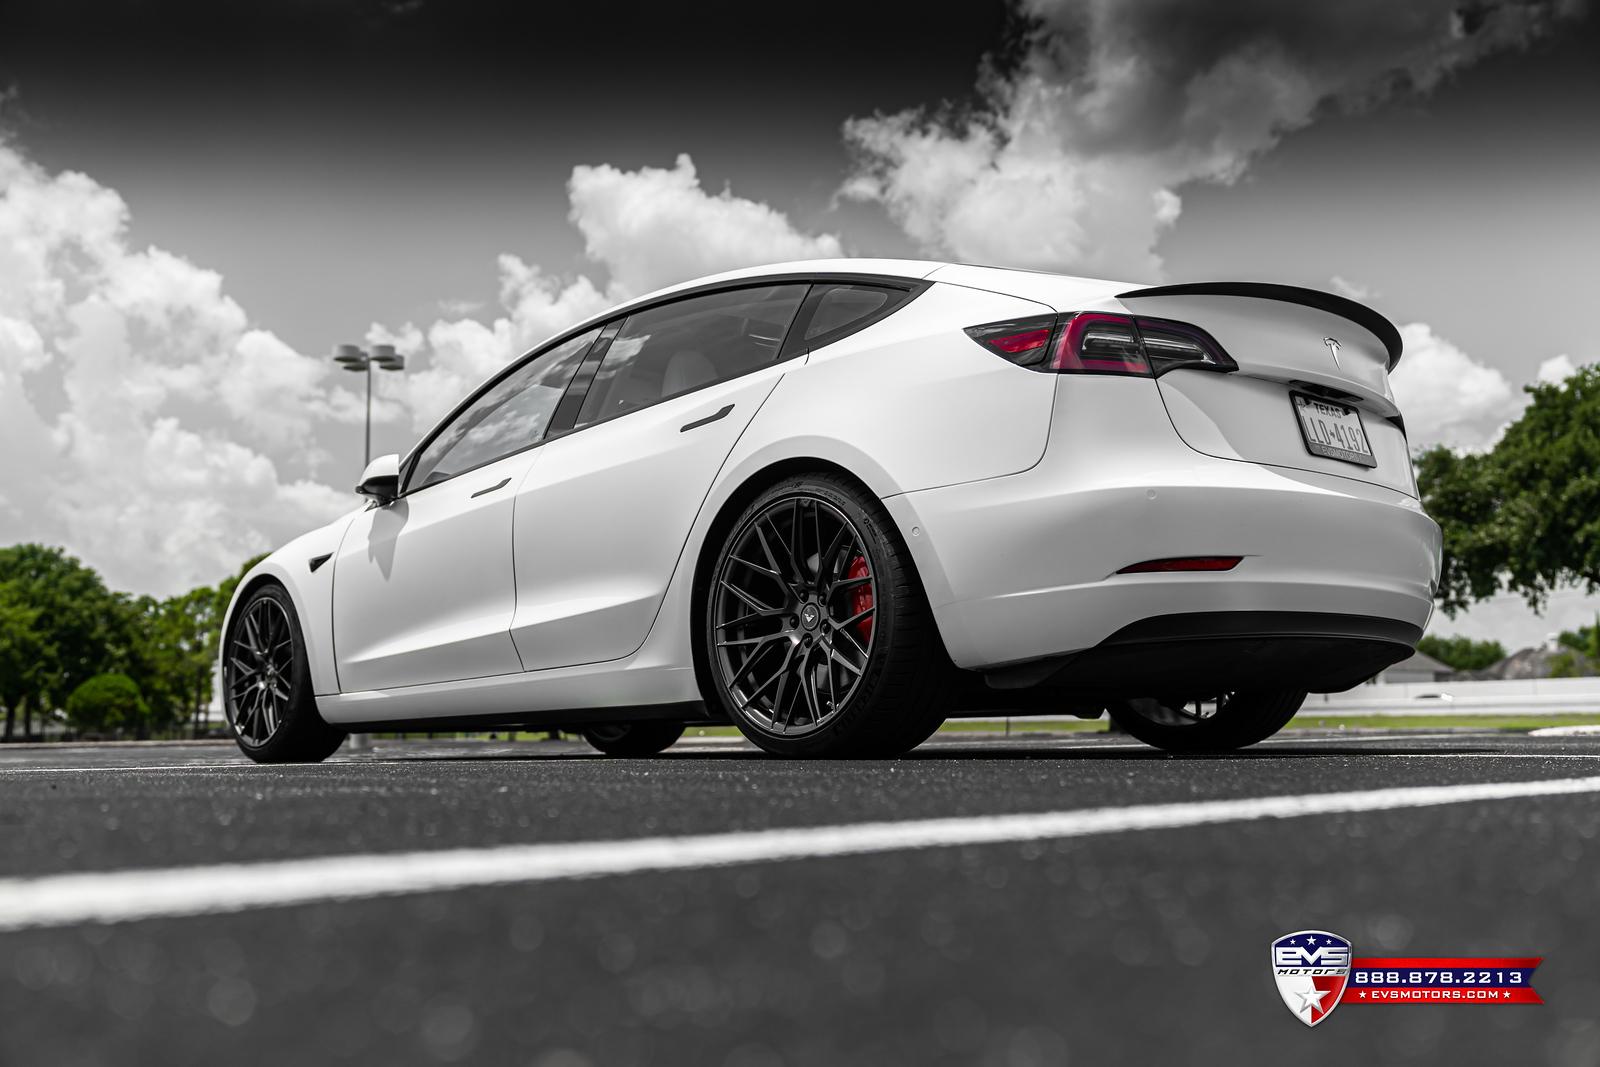 Tesla%20Model%203%20Performance%20Vorsteiner%20V-FF%20107-22-X3.jpg